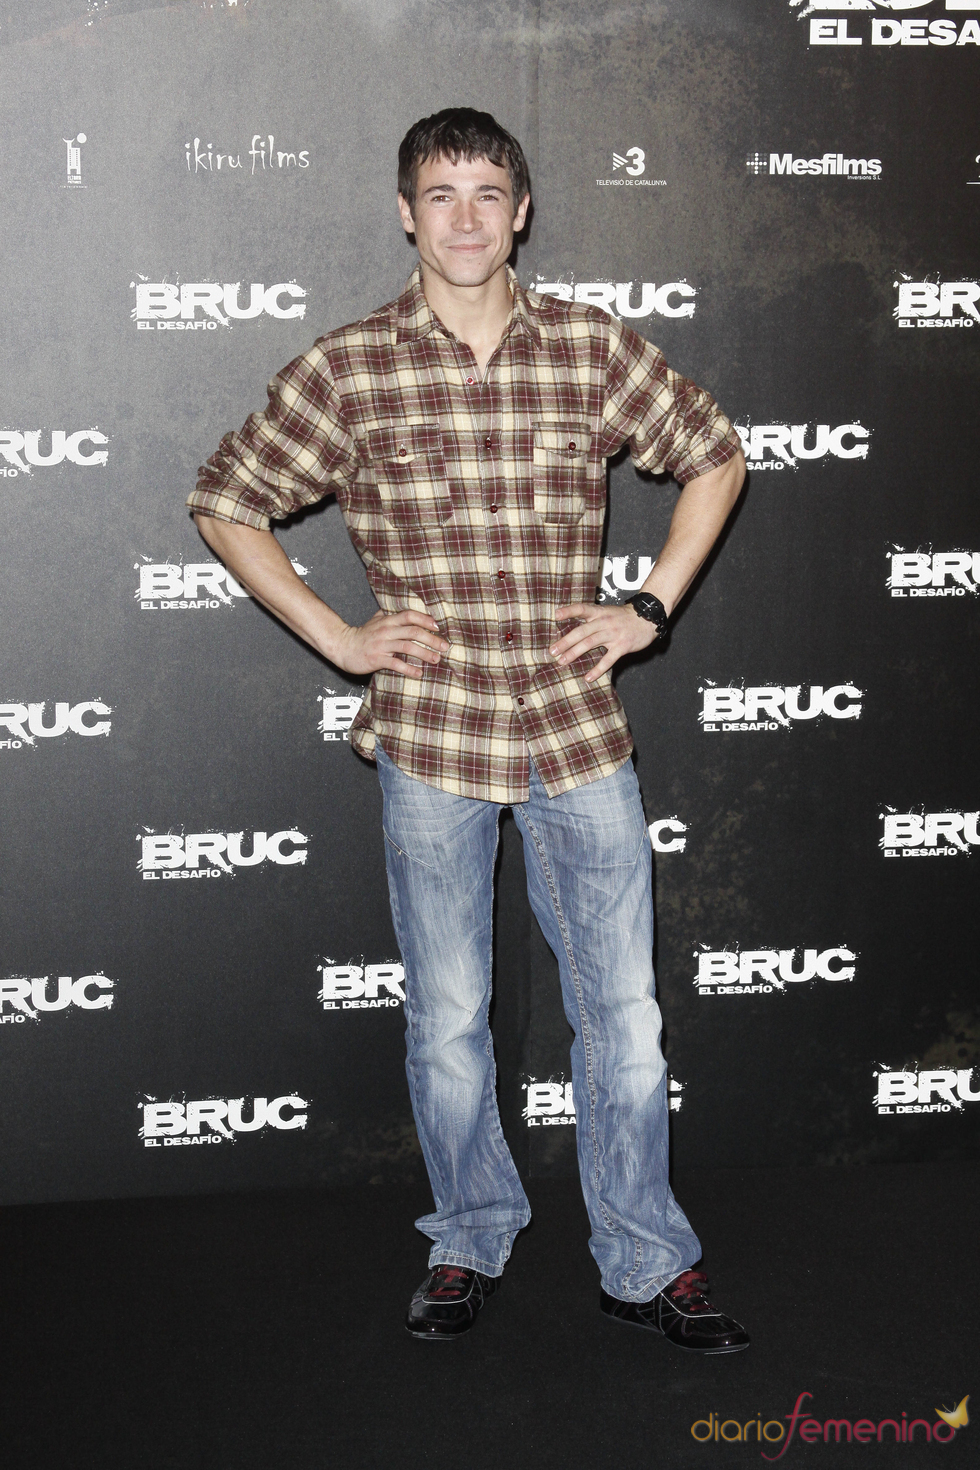 Juan José Ballesta en el etsreno de 'Bruc. El desafío'